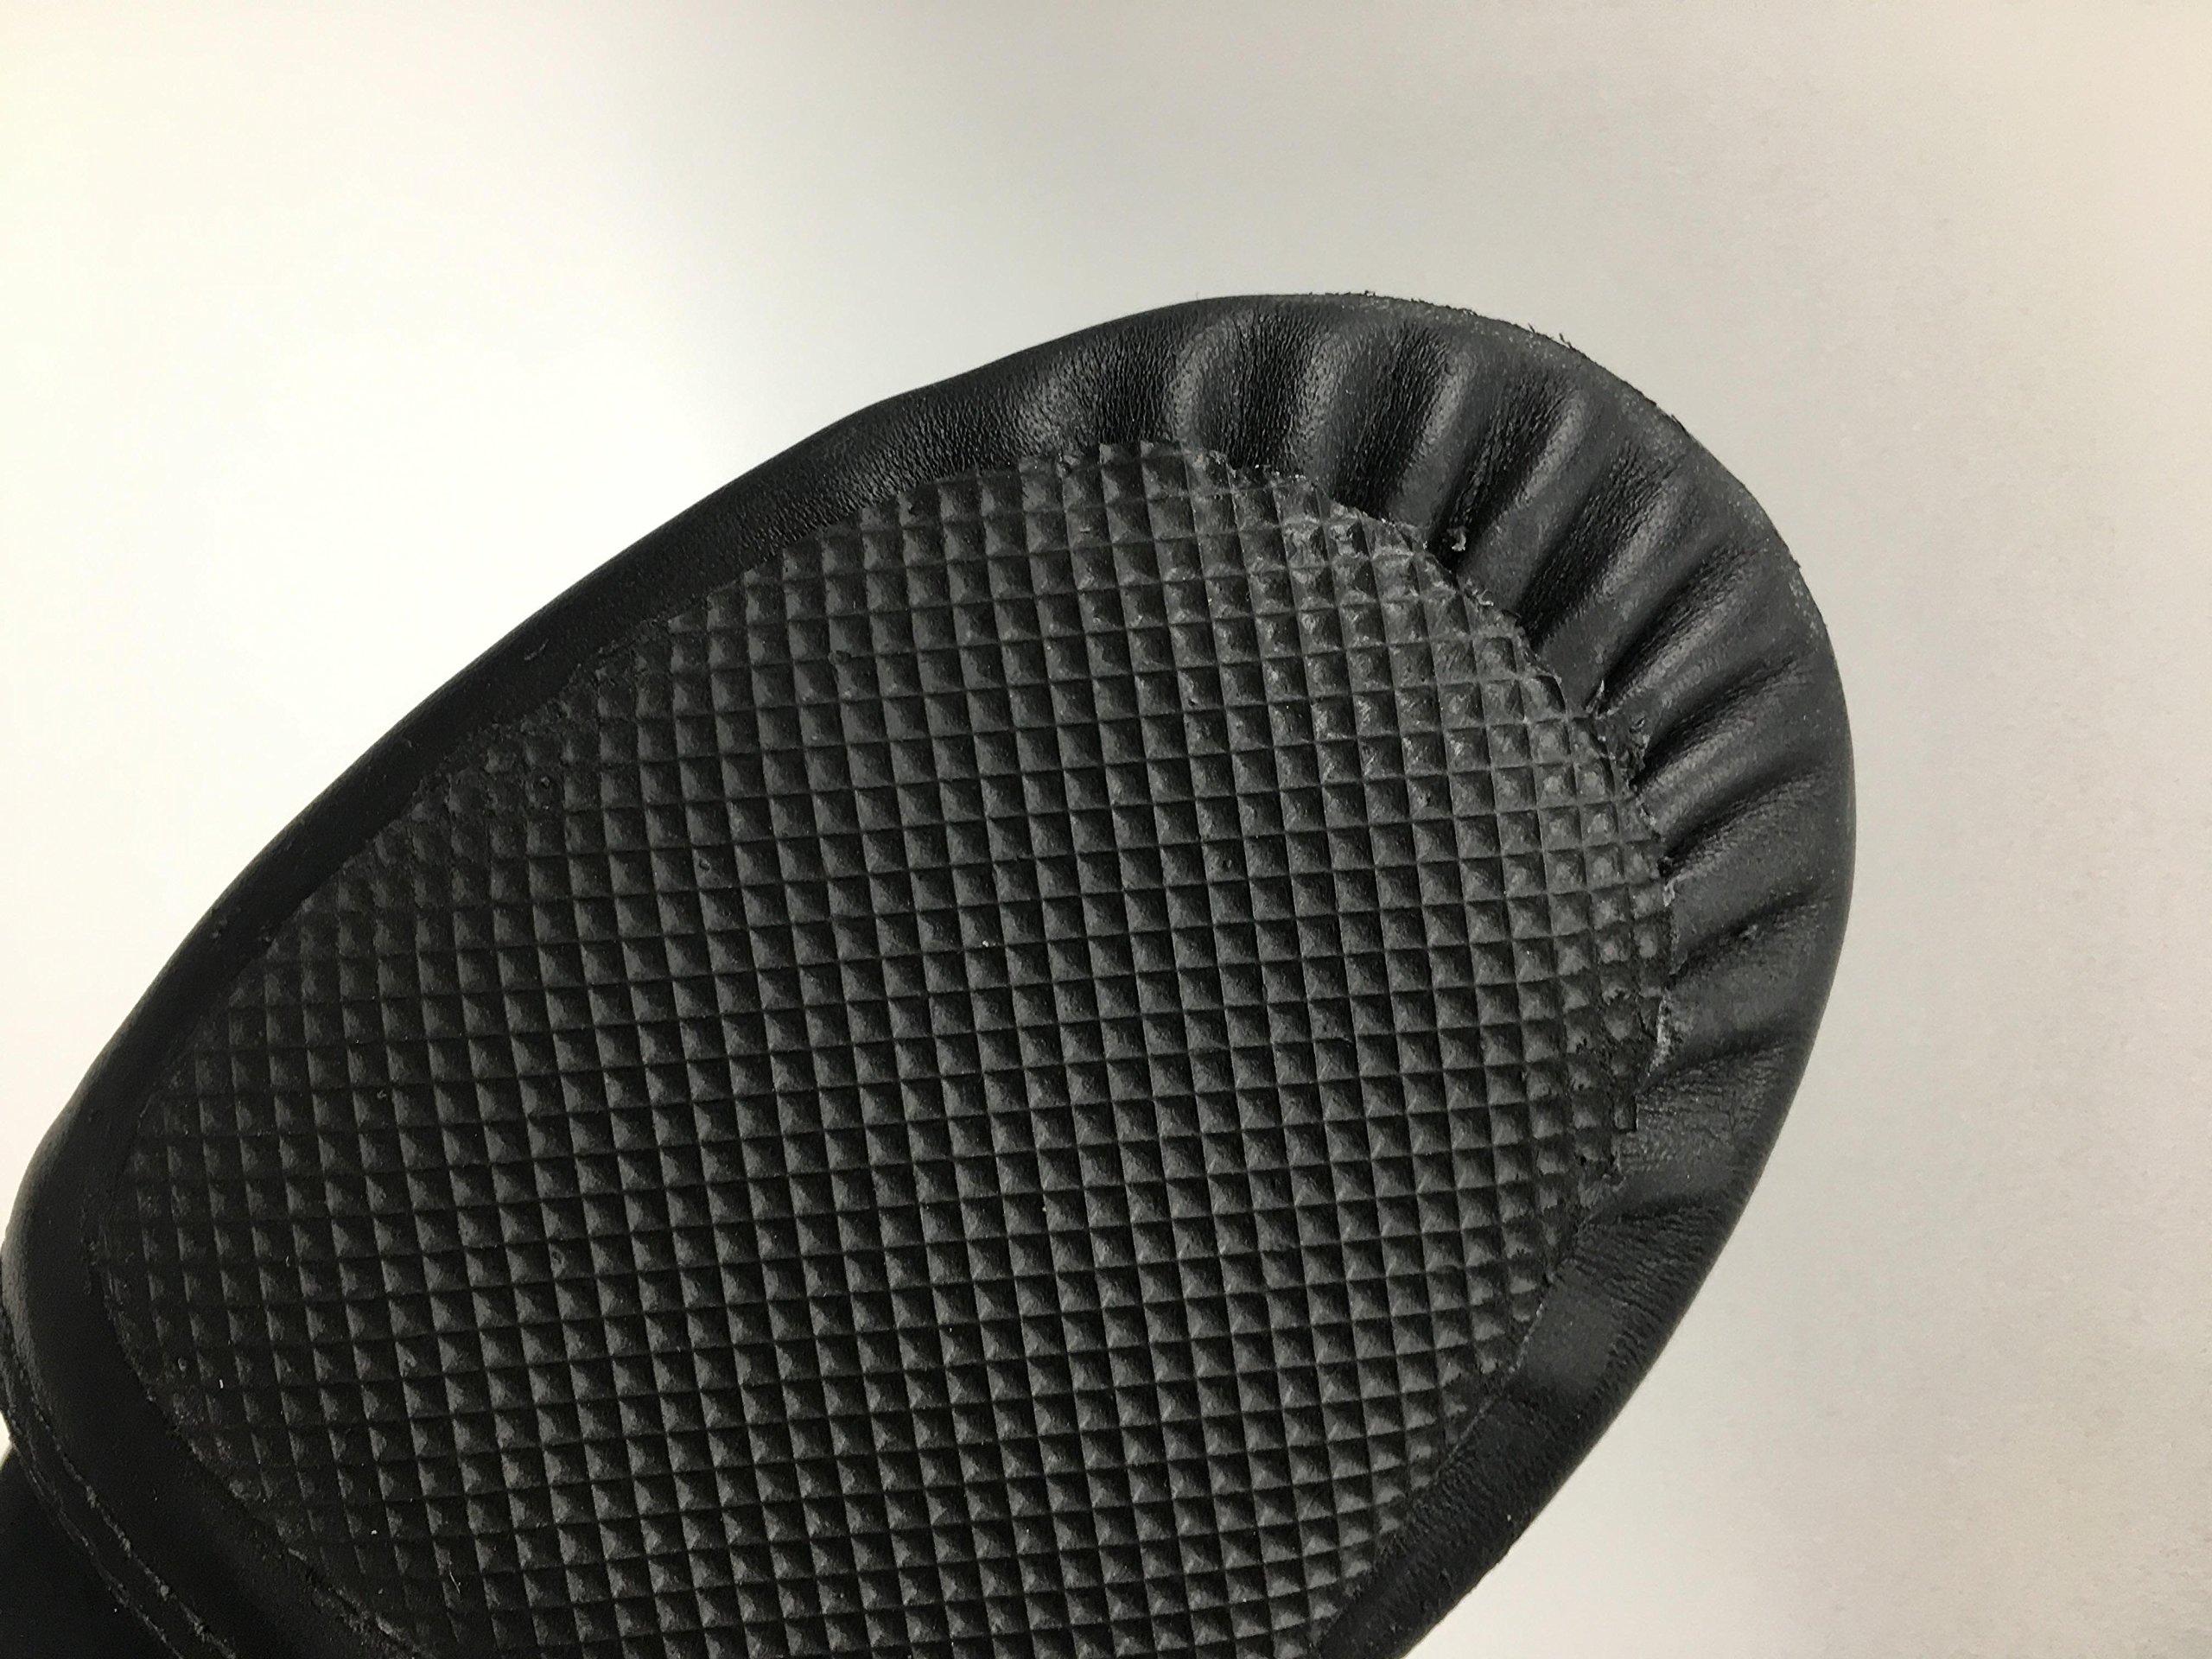 DANCE YOU DANCEYOU 1302 Neoprene Elastic Slip-On Leather Upper Jazz Shoes Black for Toddler/Little Kid/Women/Men 245mm